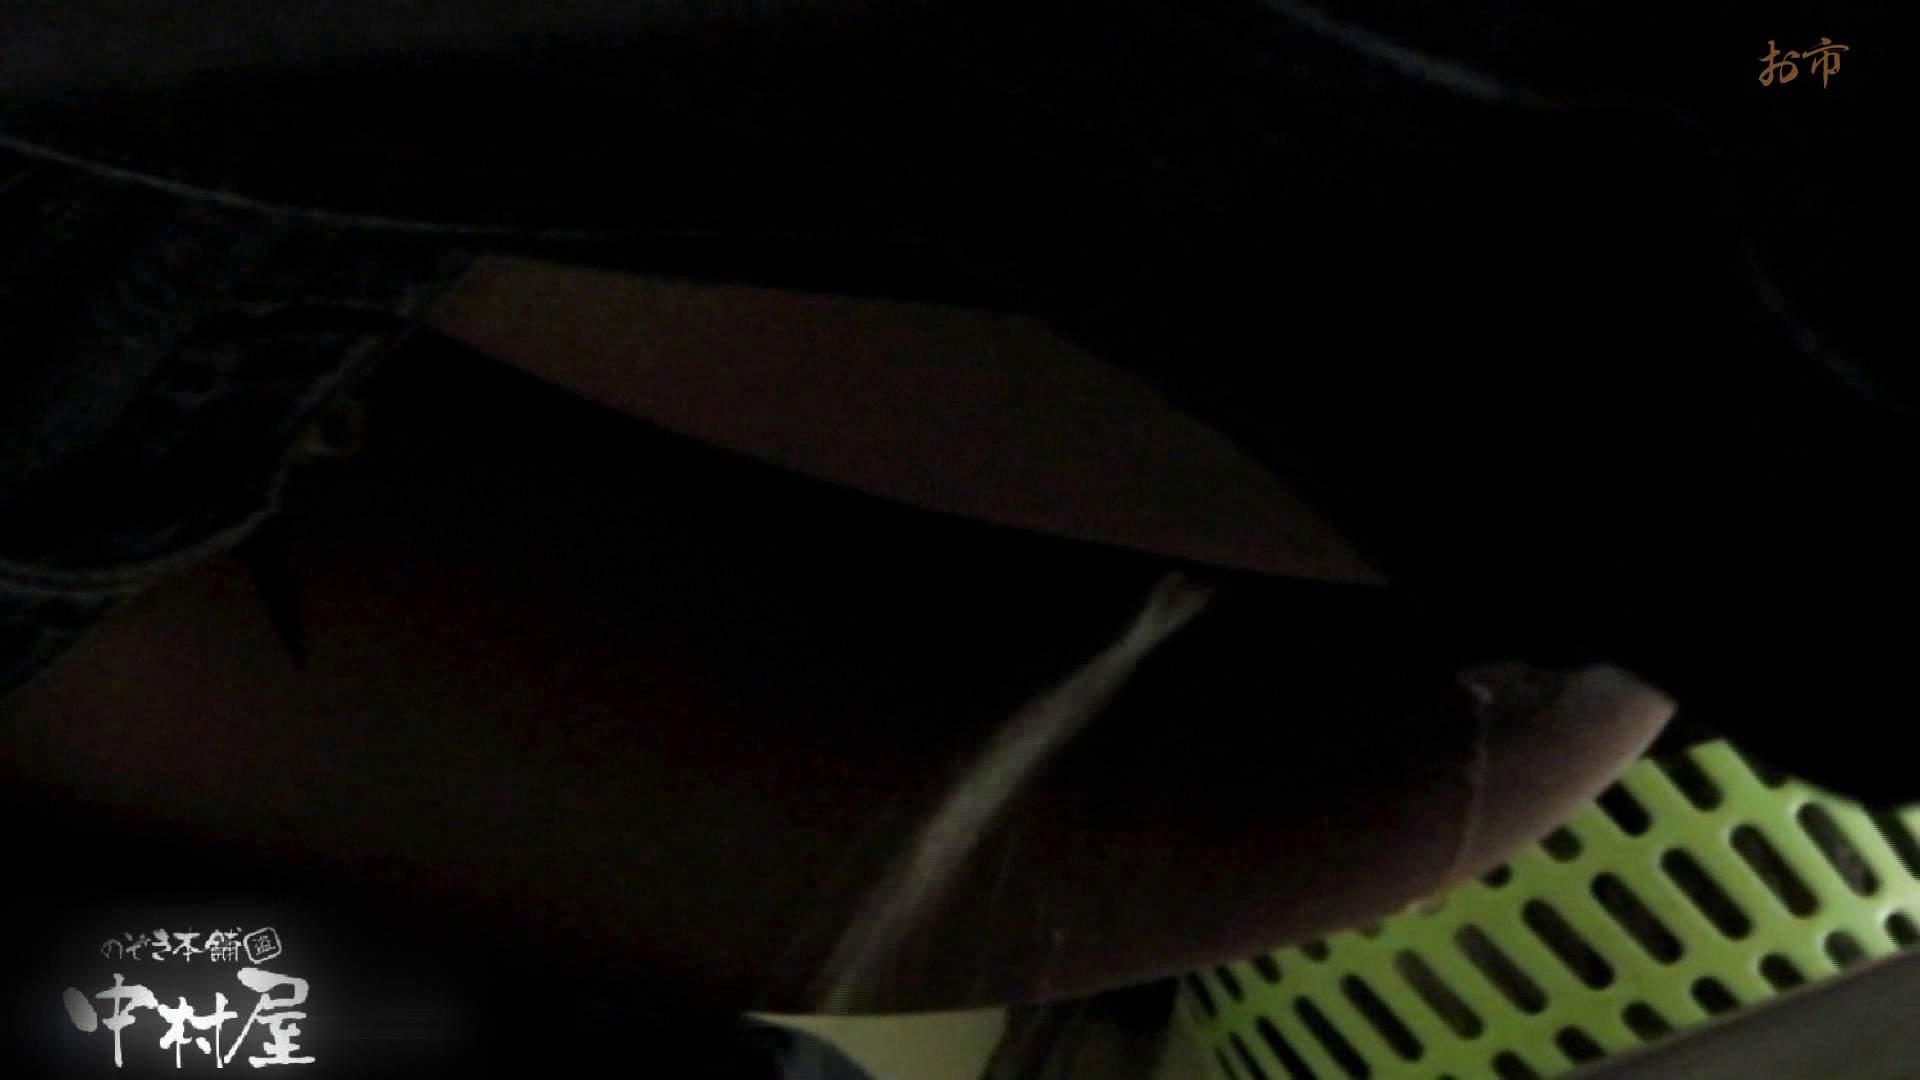 お市さんの「お尻丸出しジャンボリー」No.17 黒人 ぱこり動画紹介 106PICs 63